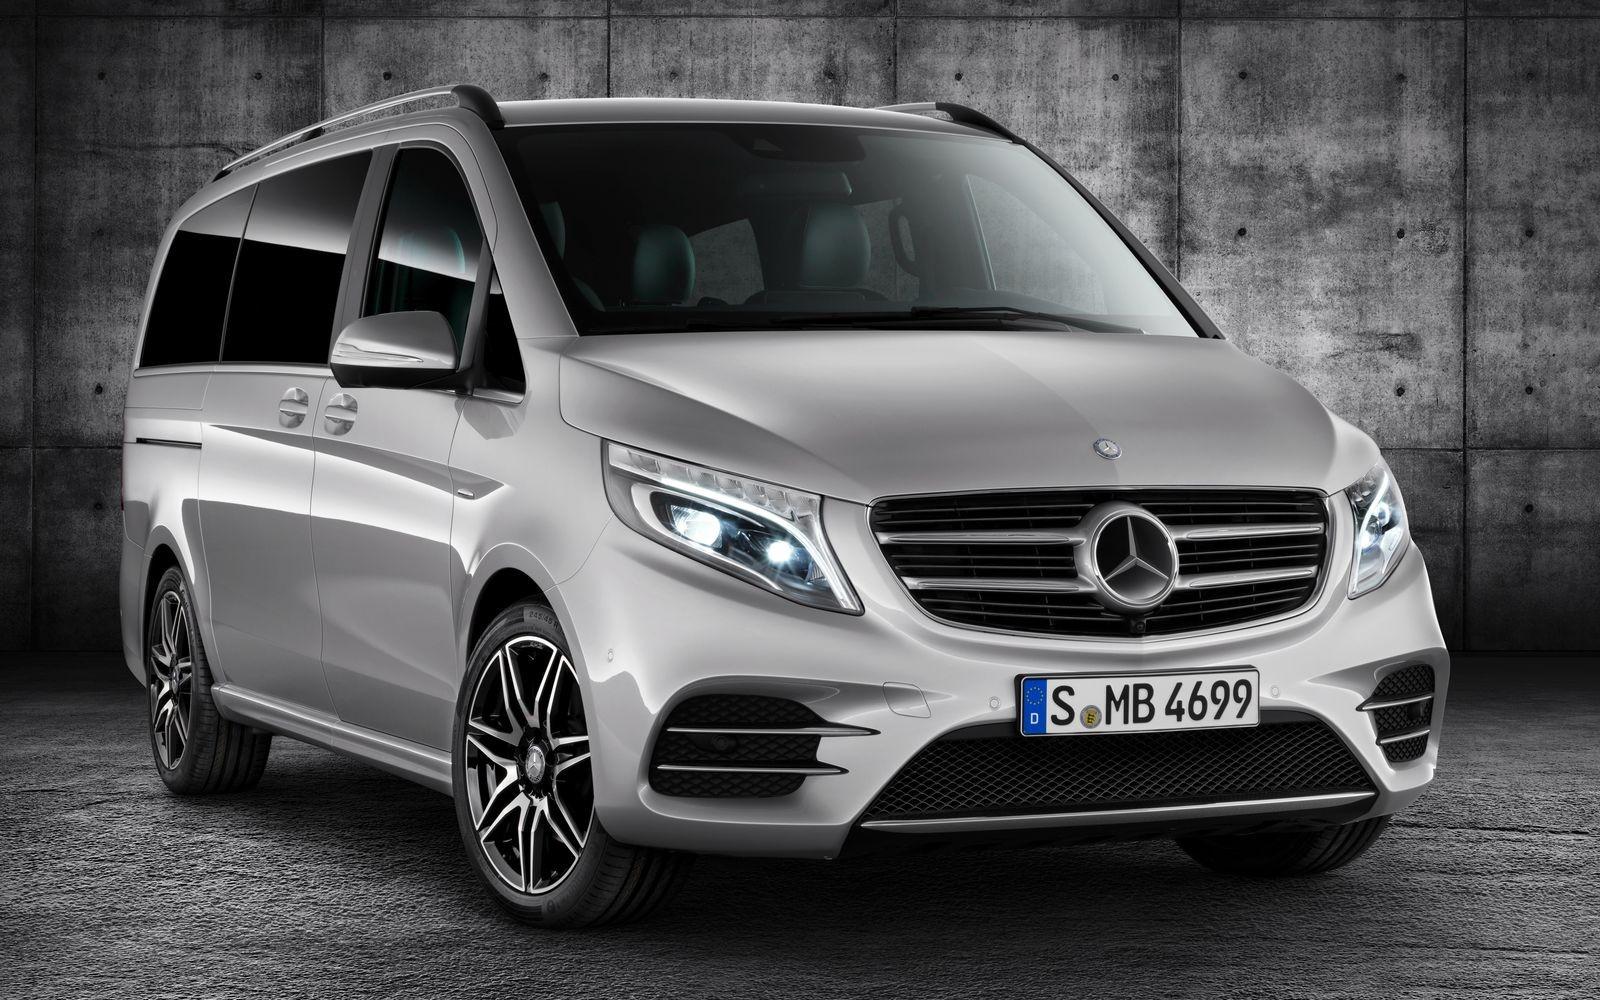 Mercedes-Benz V-класса третьего поколения до рестайлинга.